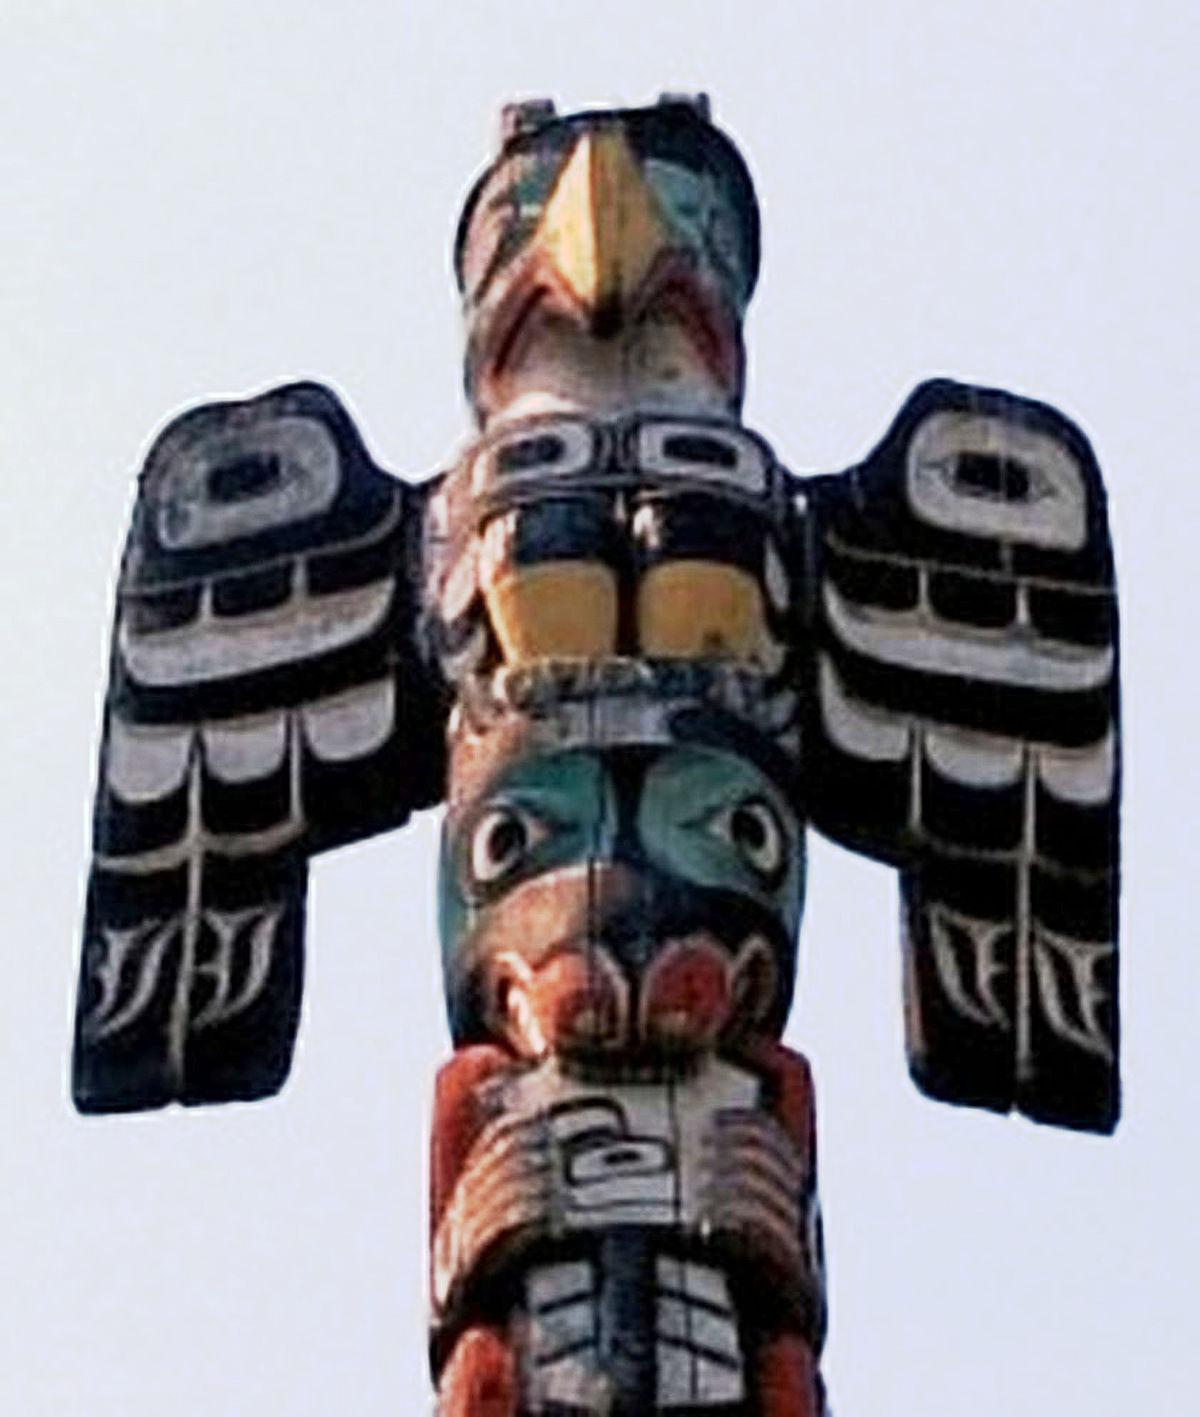 Thunderbird (mythology) - Wikipedia - photo#2